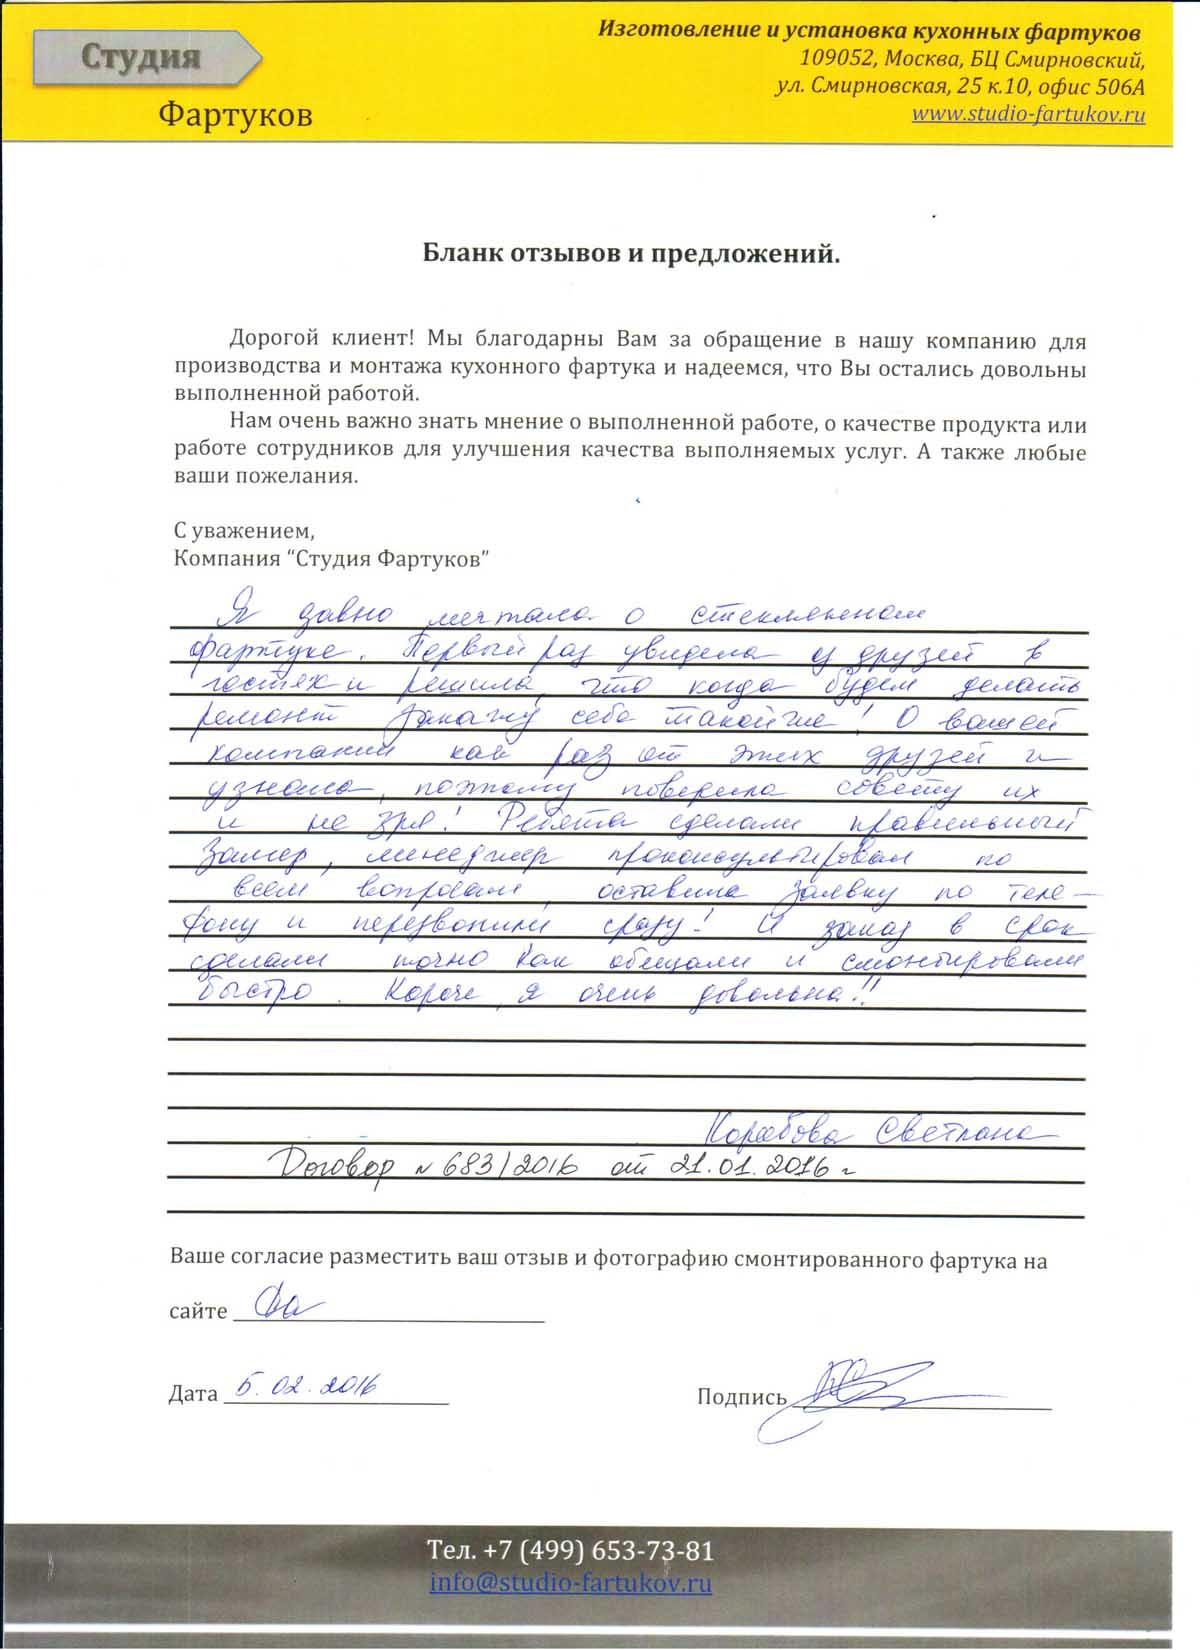 Отзыв Коробовой Светланы от 05.02.2016 по Договору №683/2016